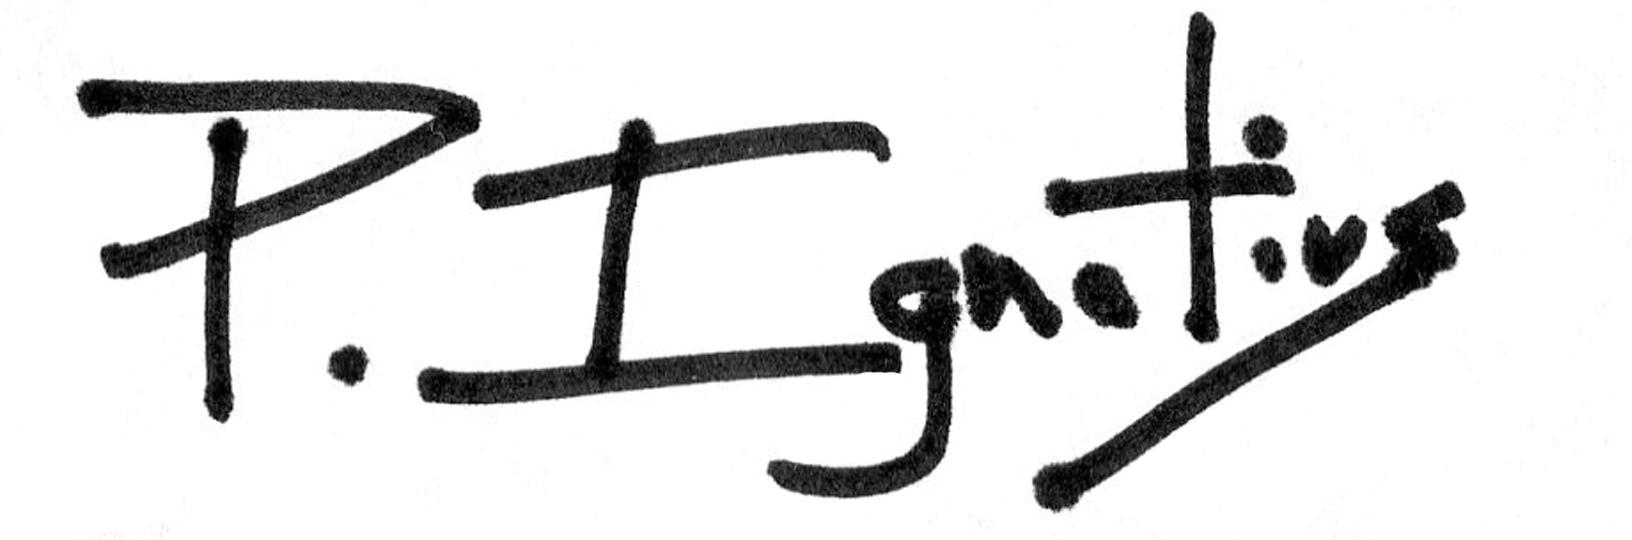 Peter Ignatius Signature